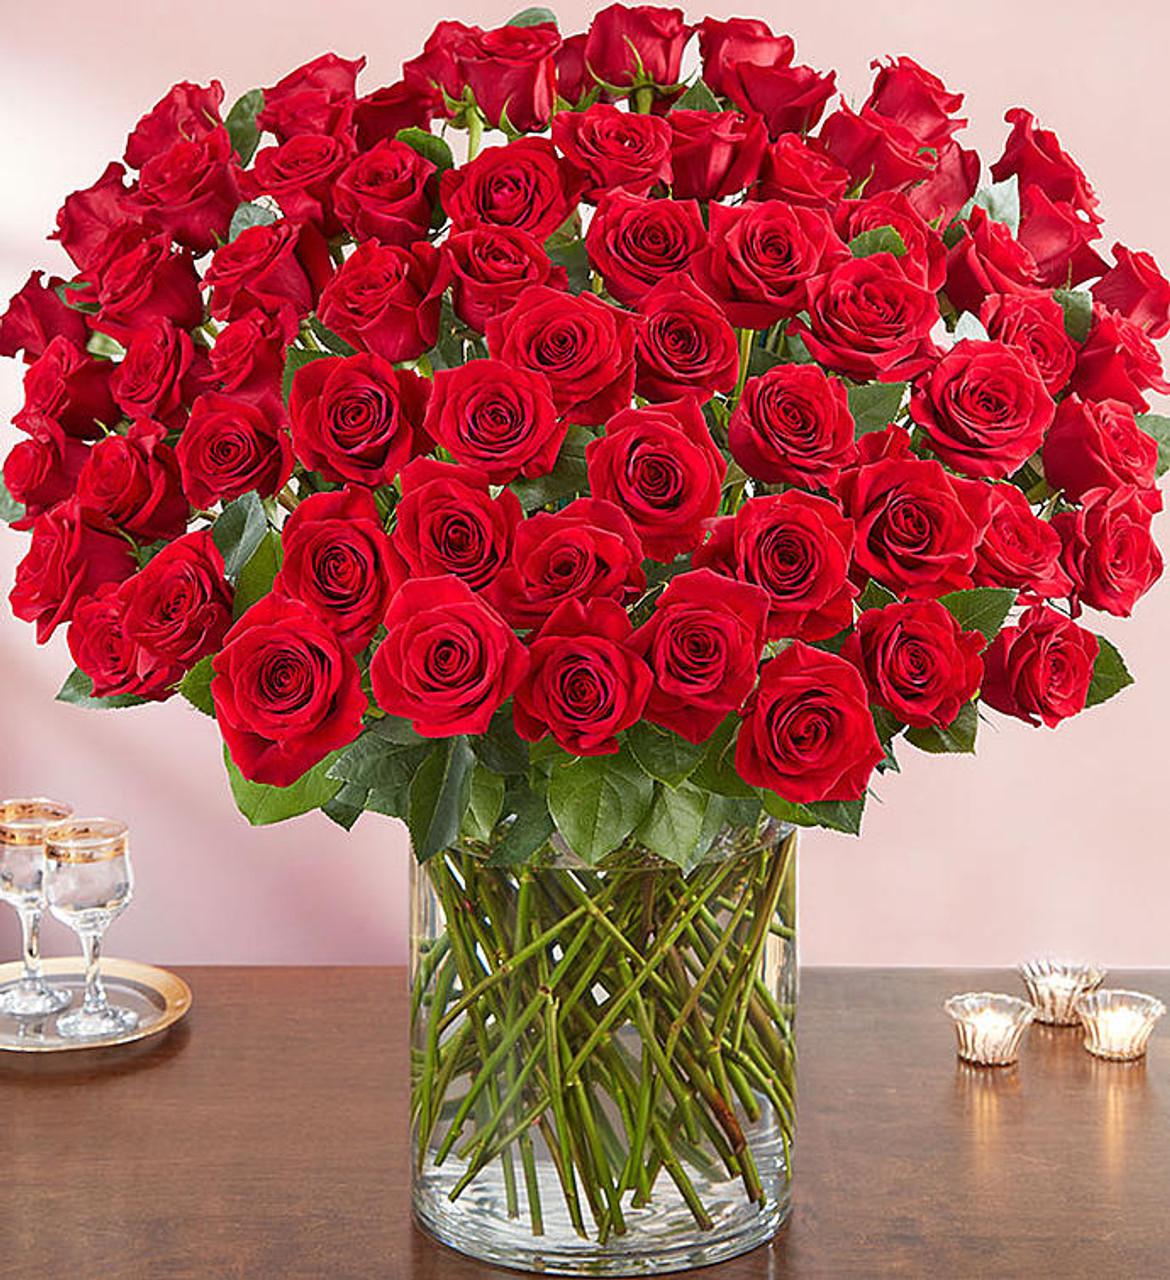 Image result for ne hundred red roses